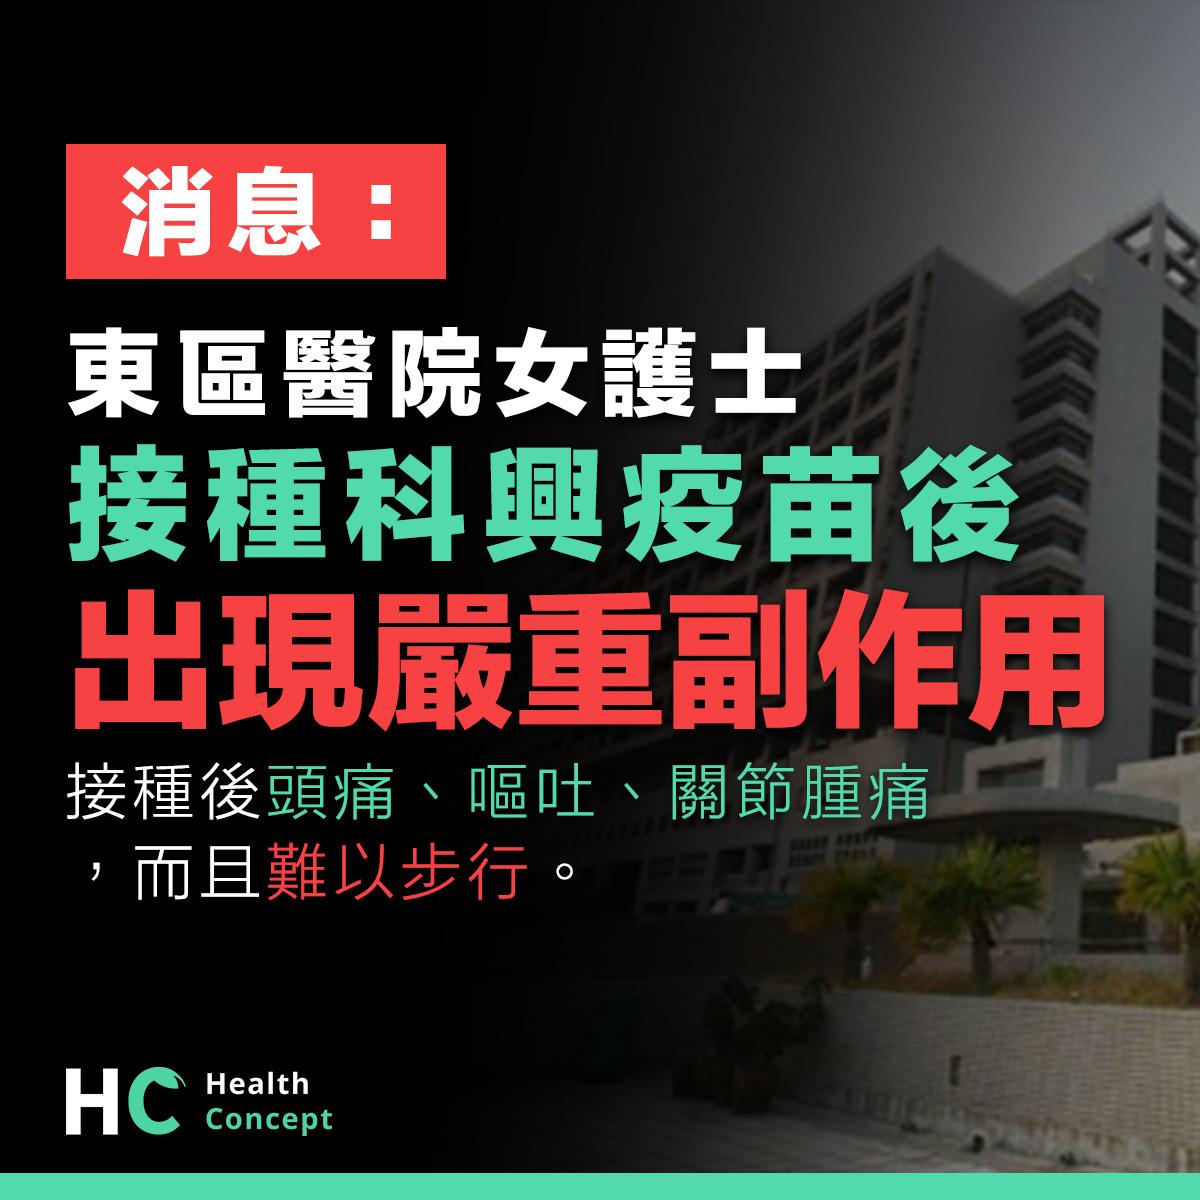 消息:東區醫院女護士接種科興疫苗後 出現嚴重副作用